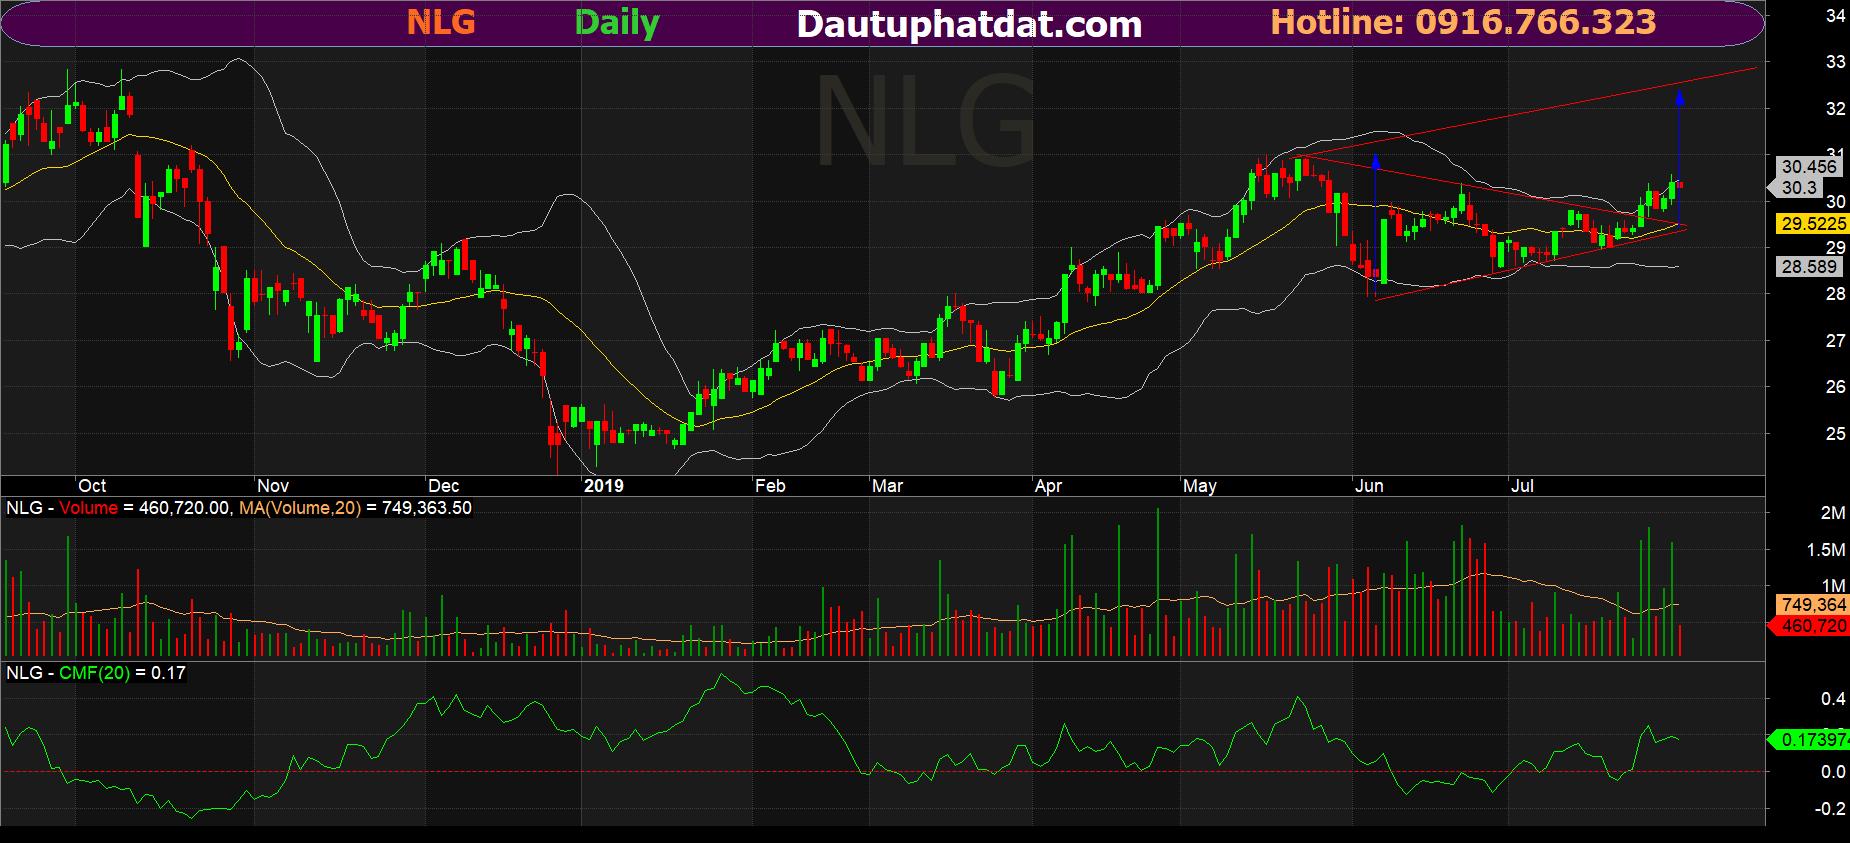 Đồ thị ngày cổ phiếu NLG